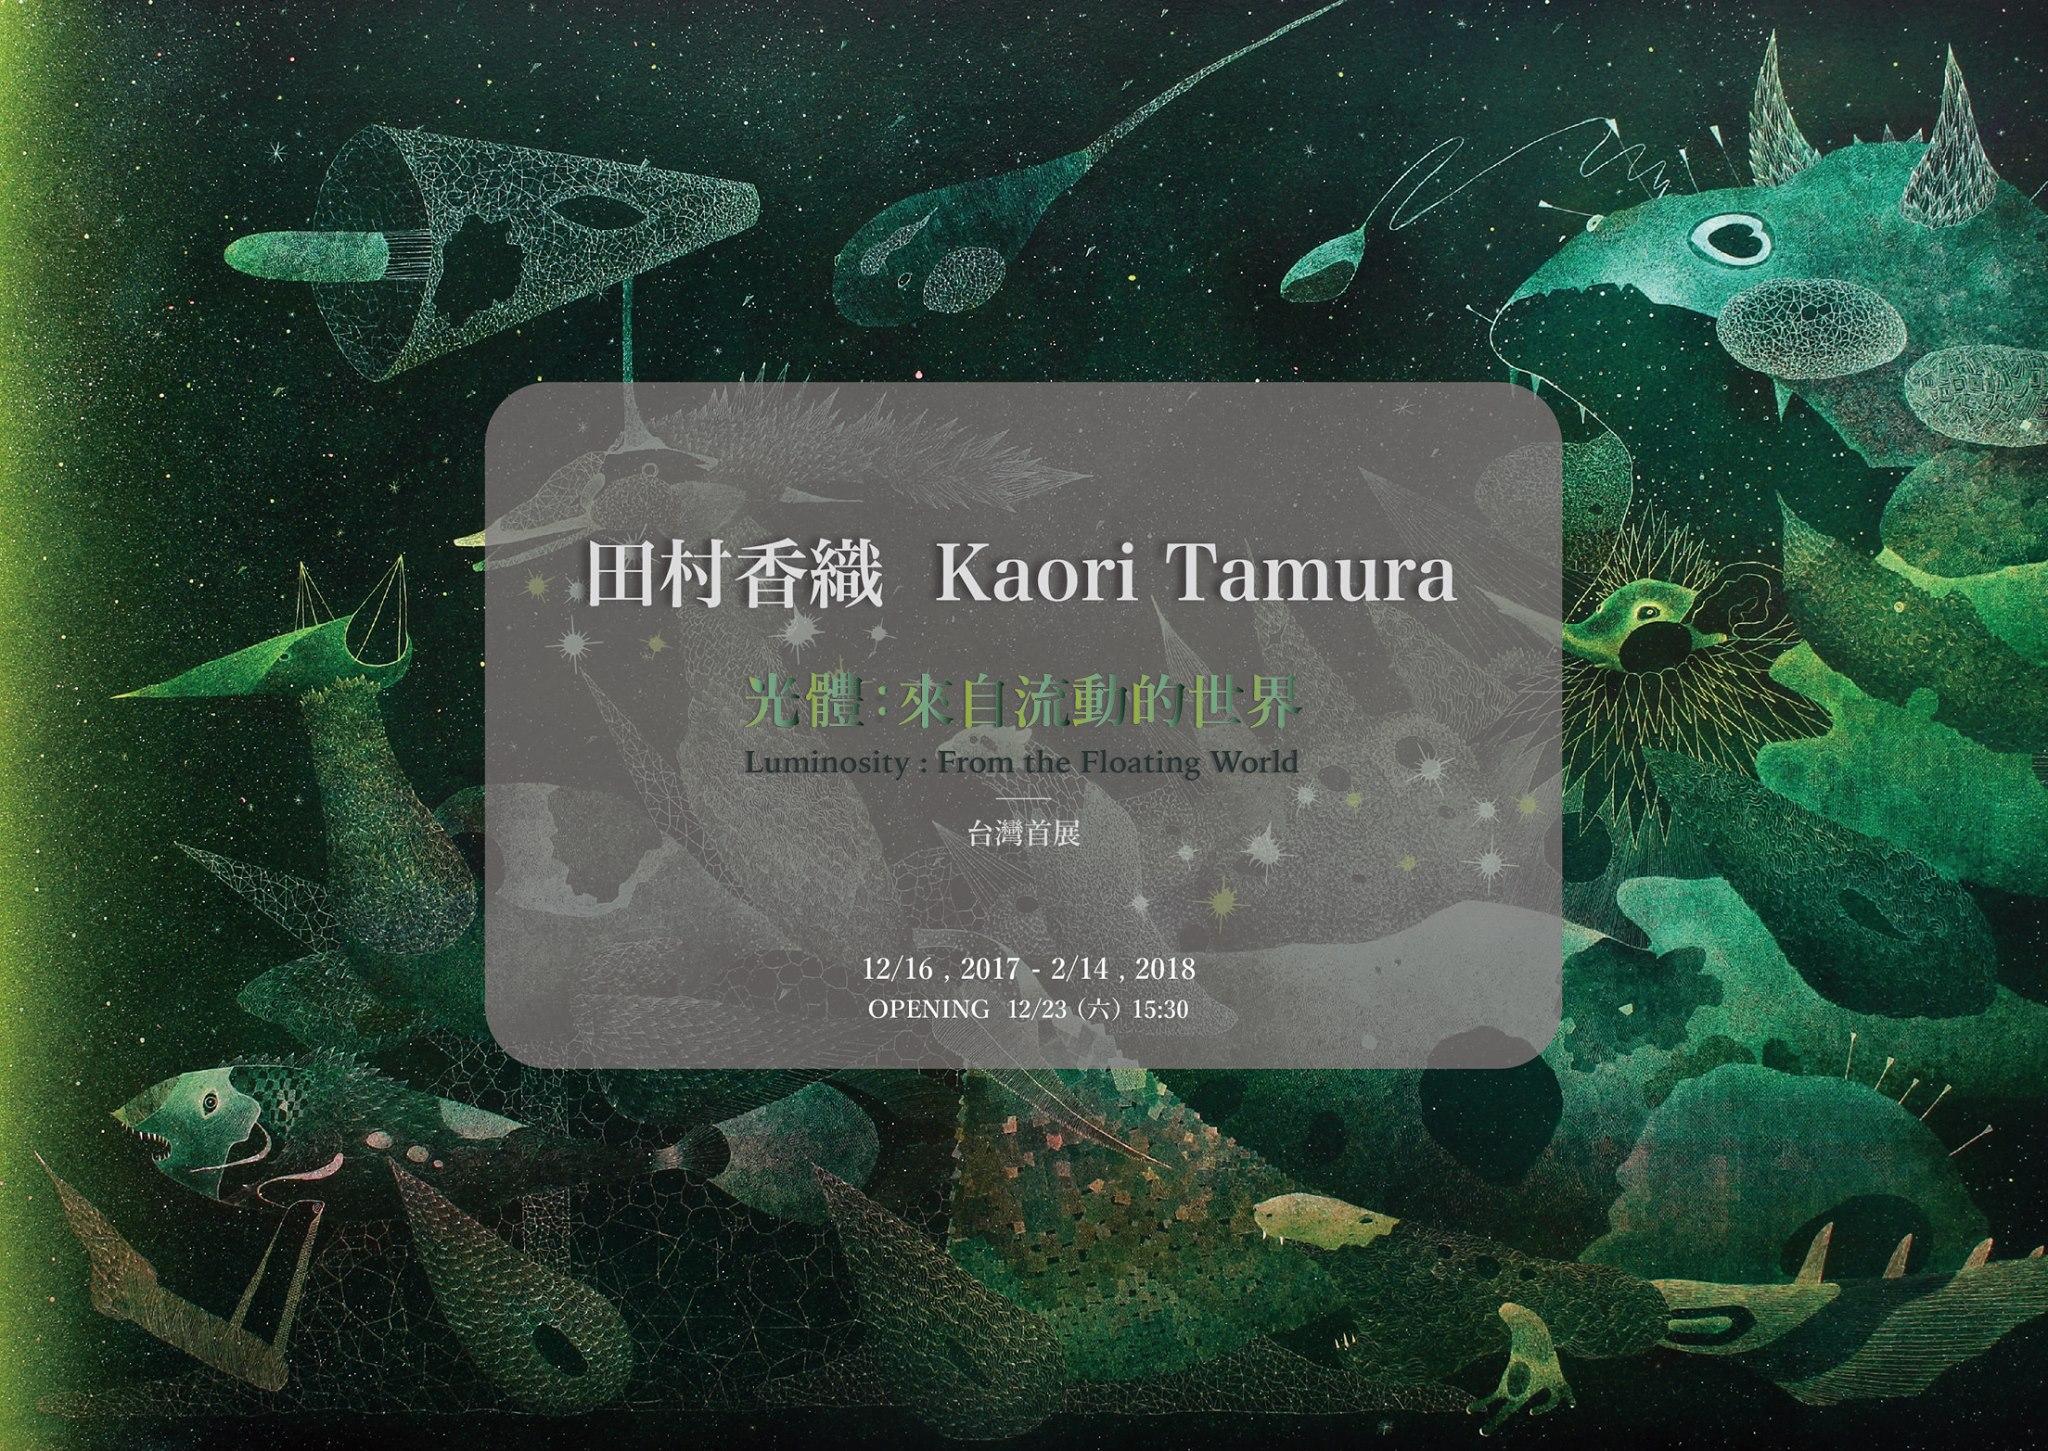 【展覽資訊 光體:來自流動的世界  田村香織個展】